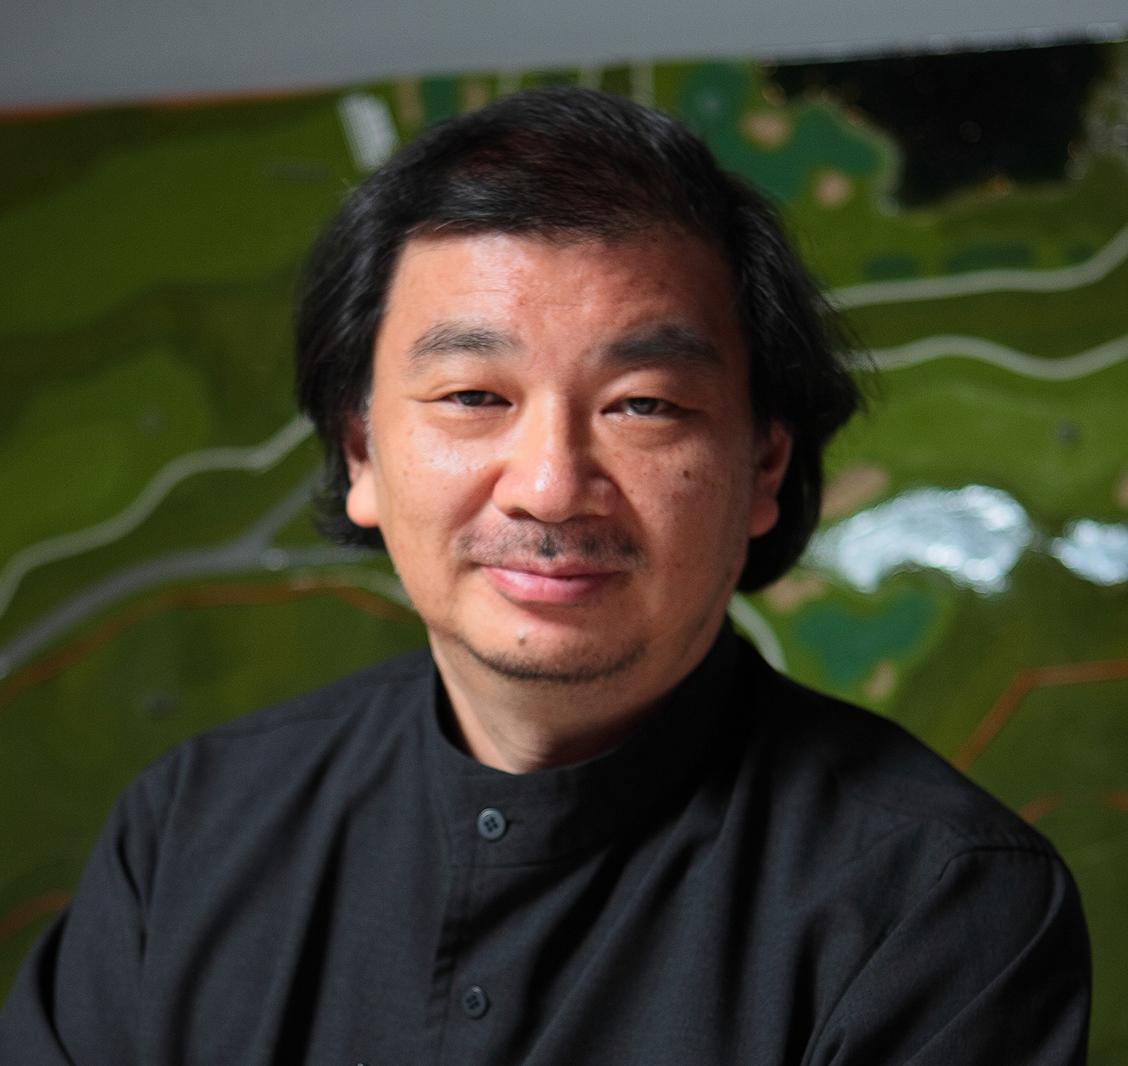 Architecte connu - Shigeru Ban